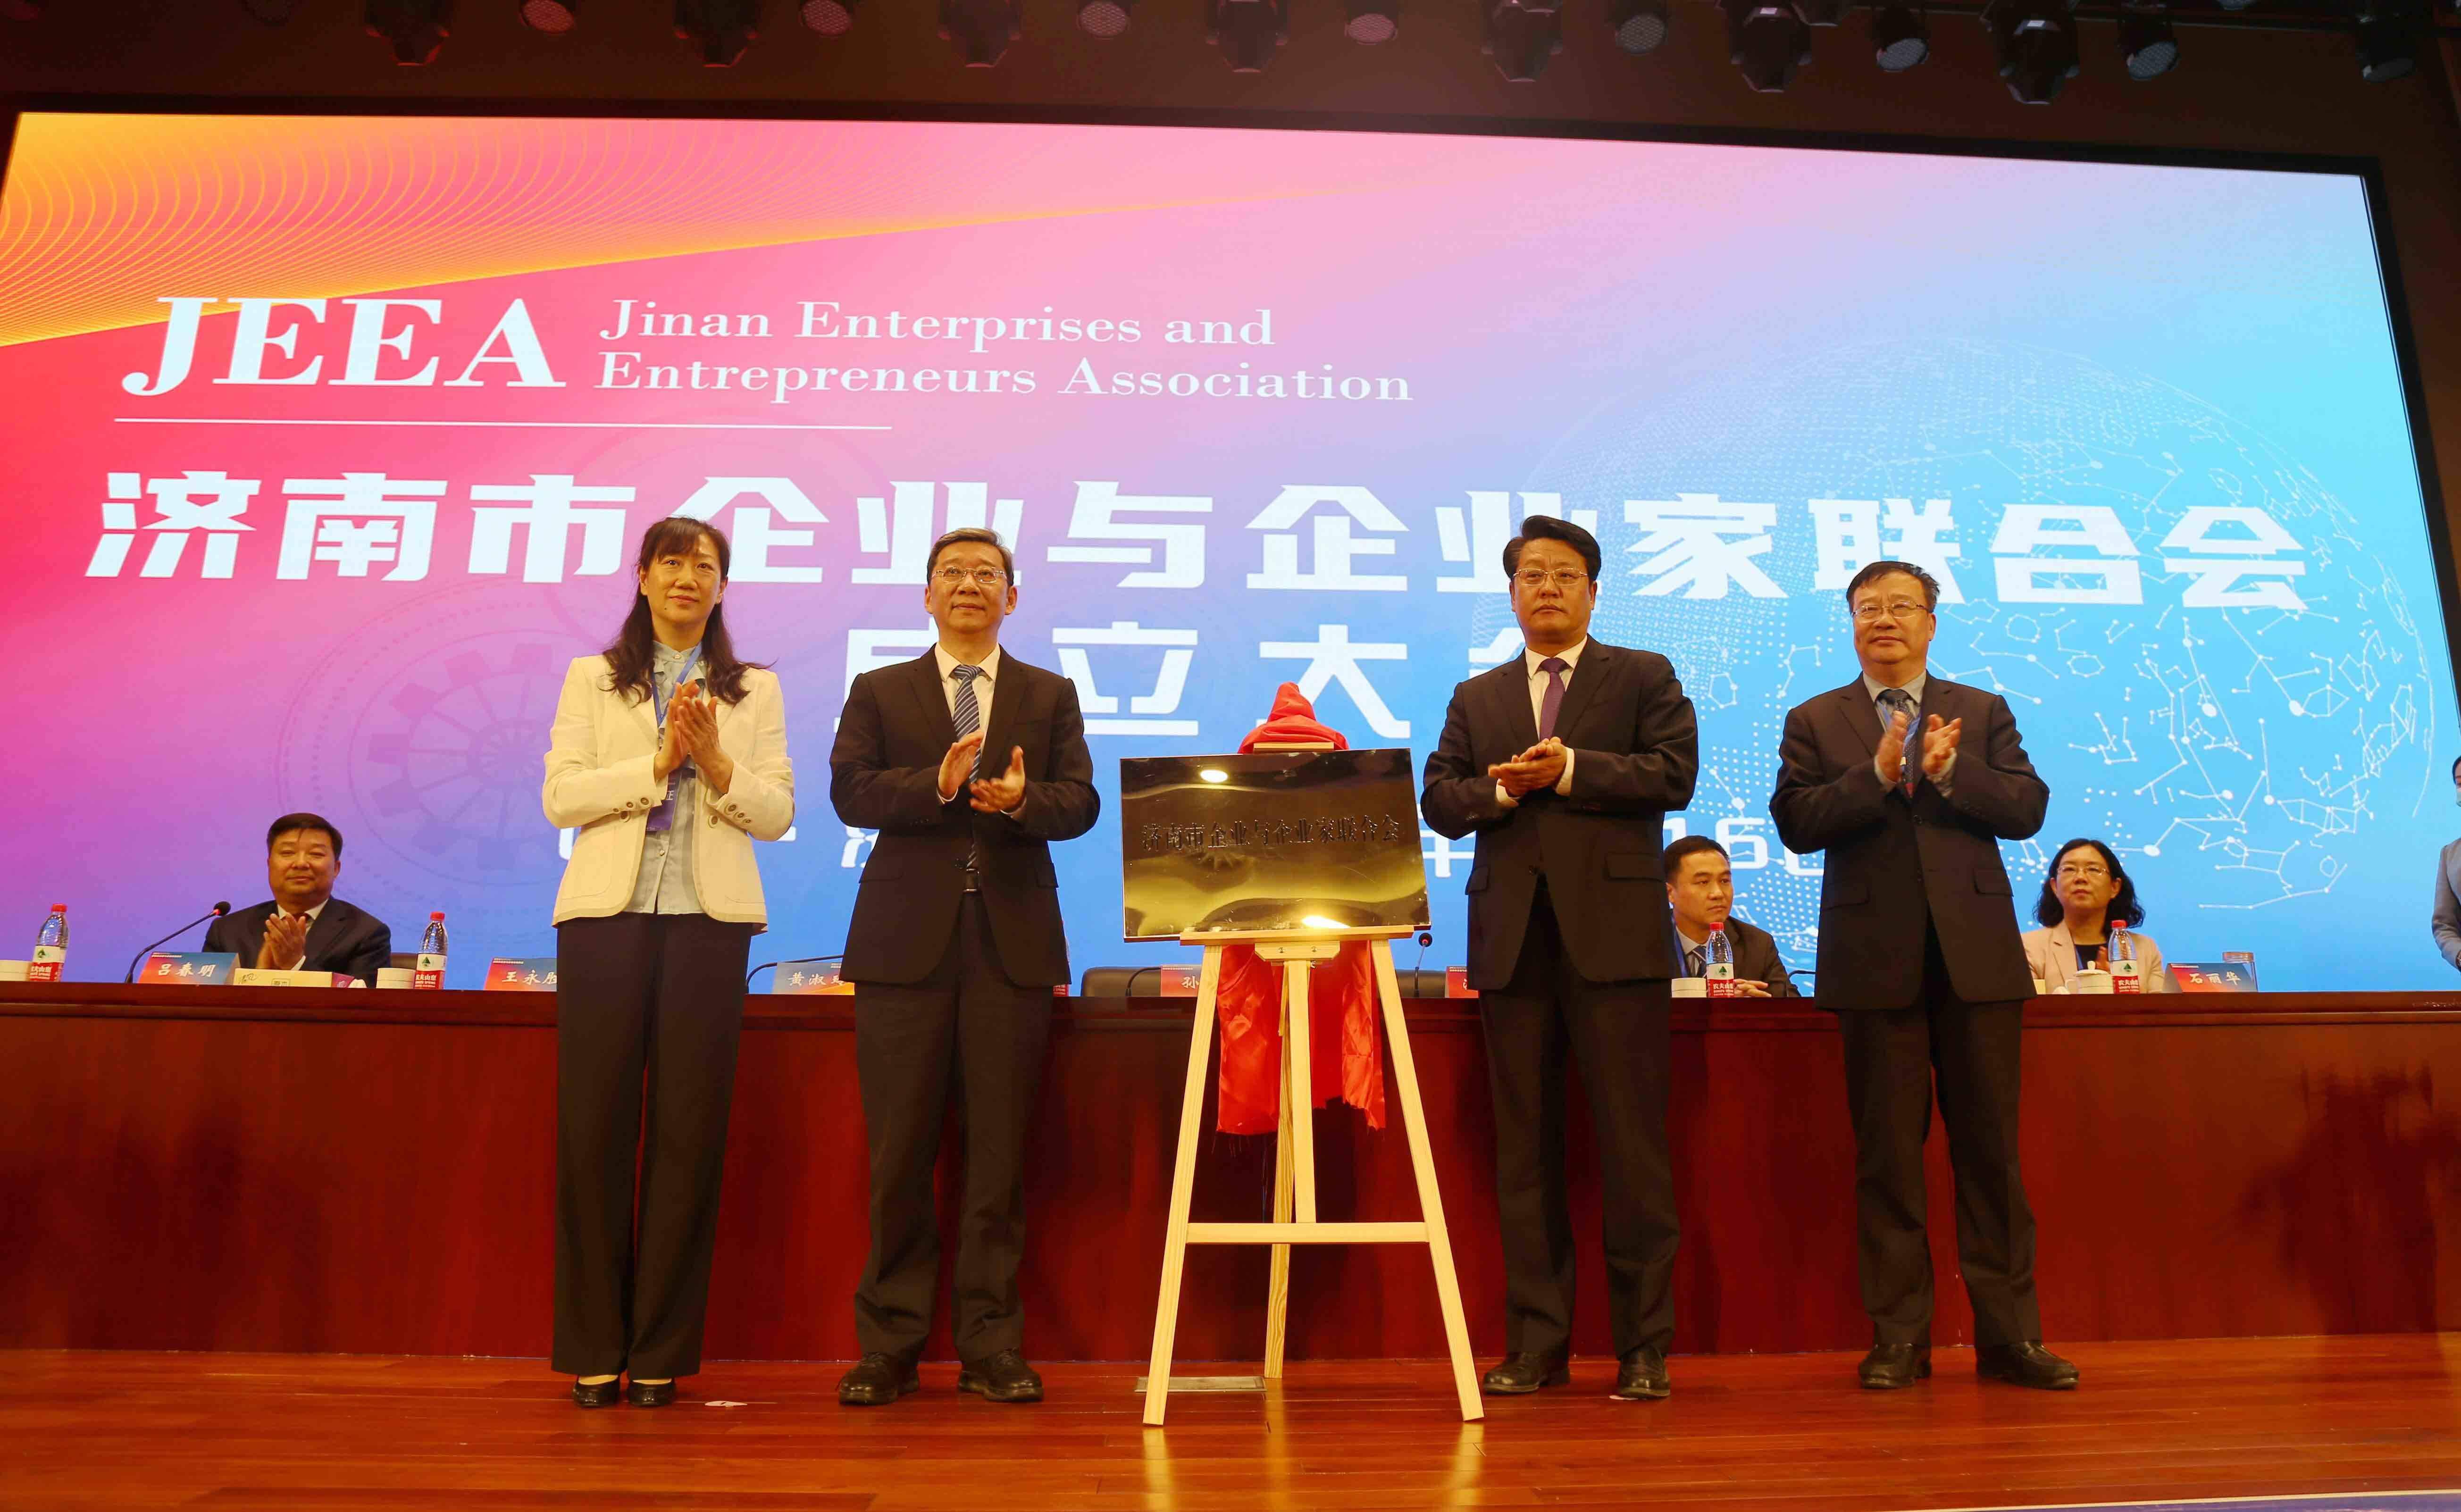 汇集50家领头企业!济南市企业与企业家联合会成立